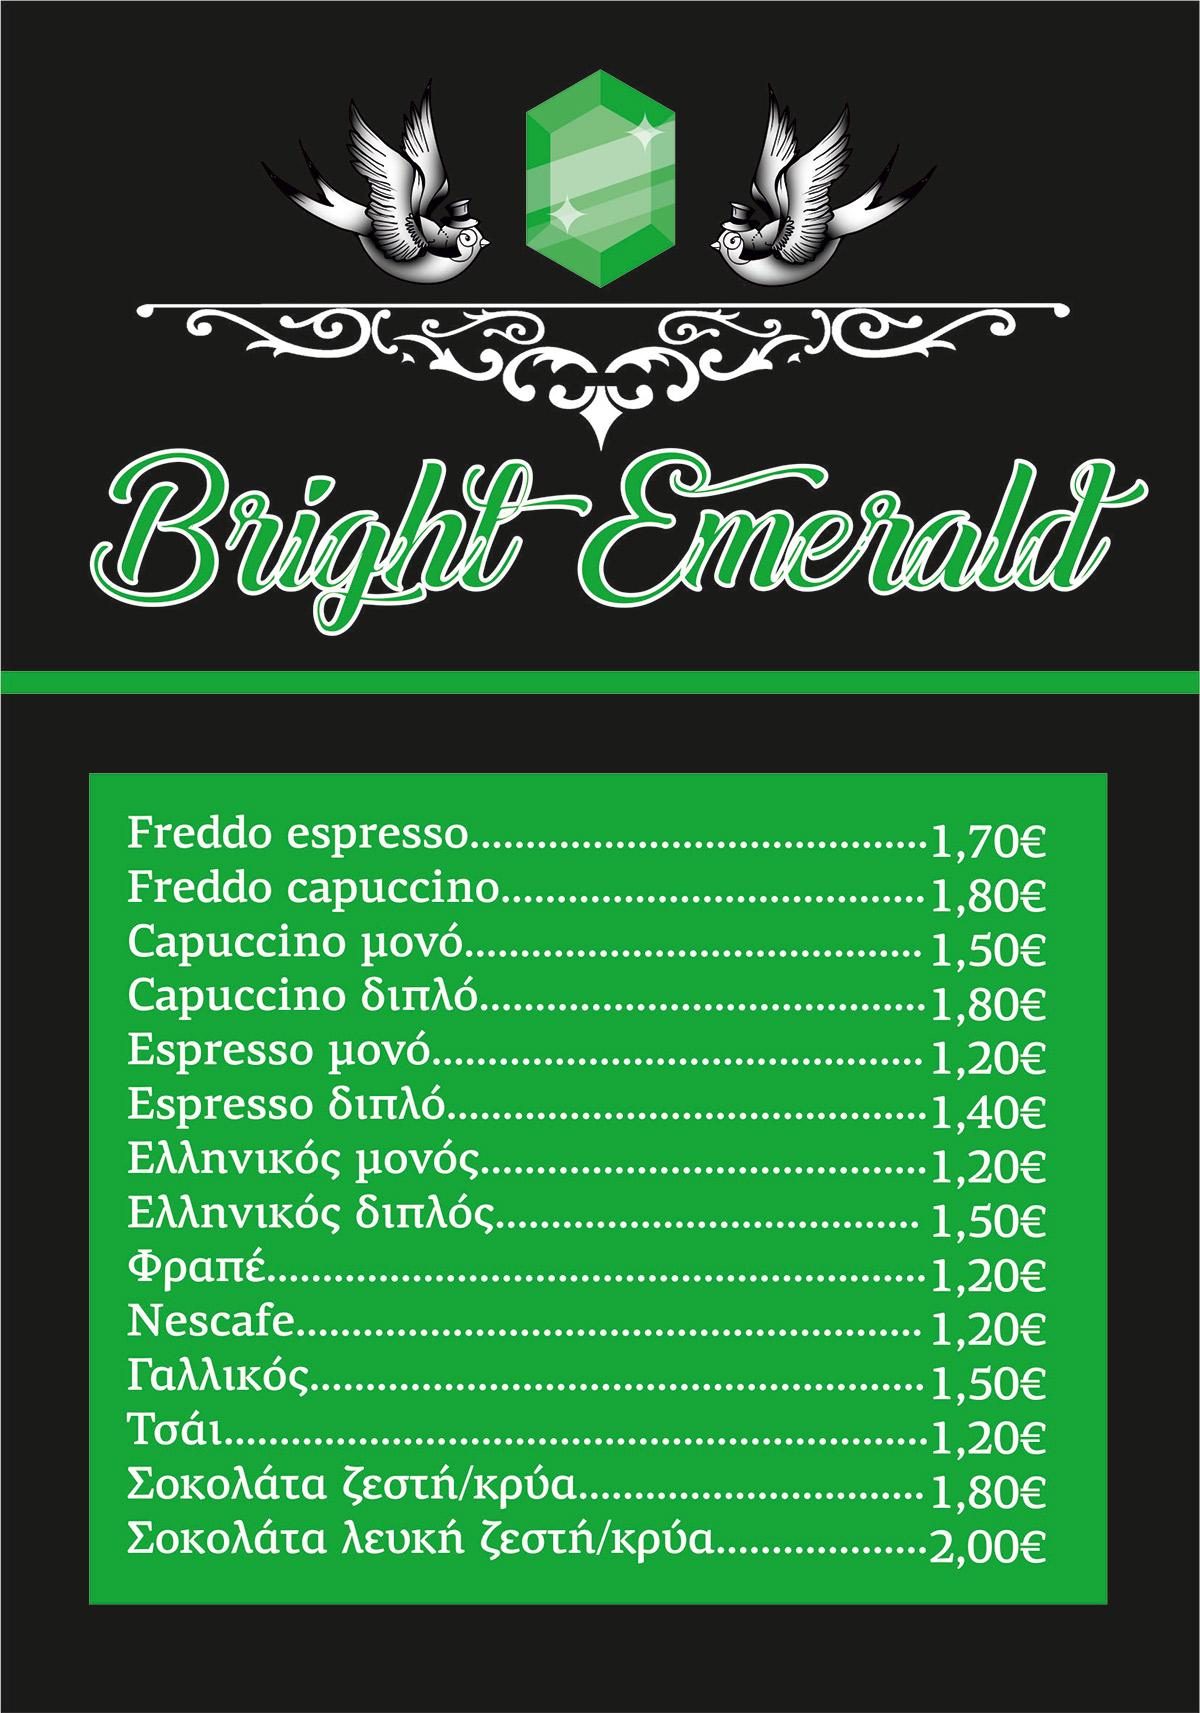 Εκτυπώσεις - Φωτοτυπίες - Γραφιστικά | Copyshop2.gr - Πετρούπολη | Bright Emerald